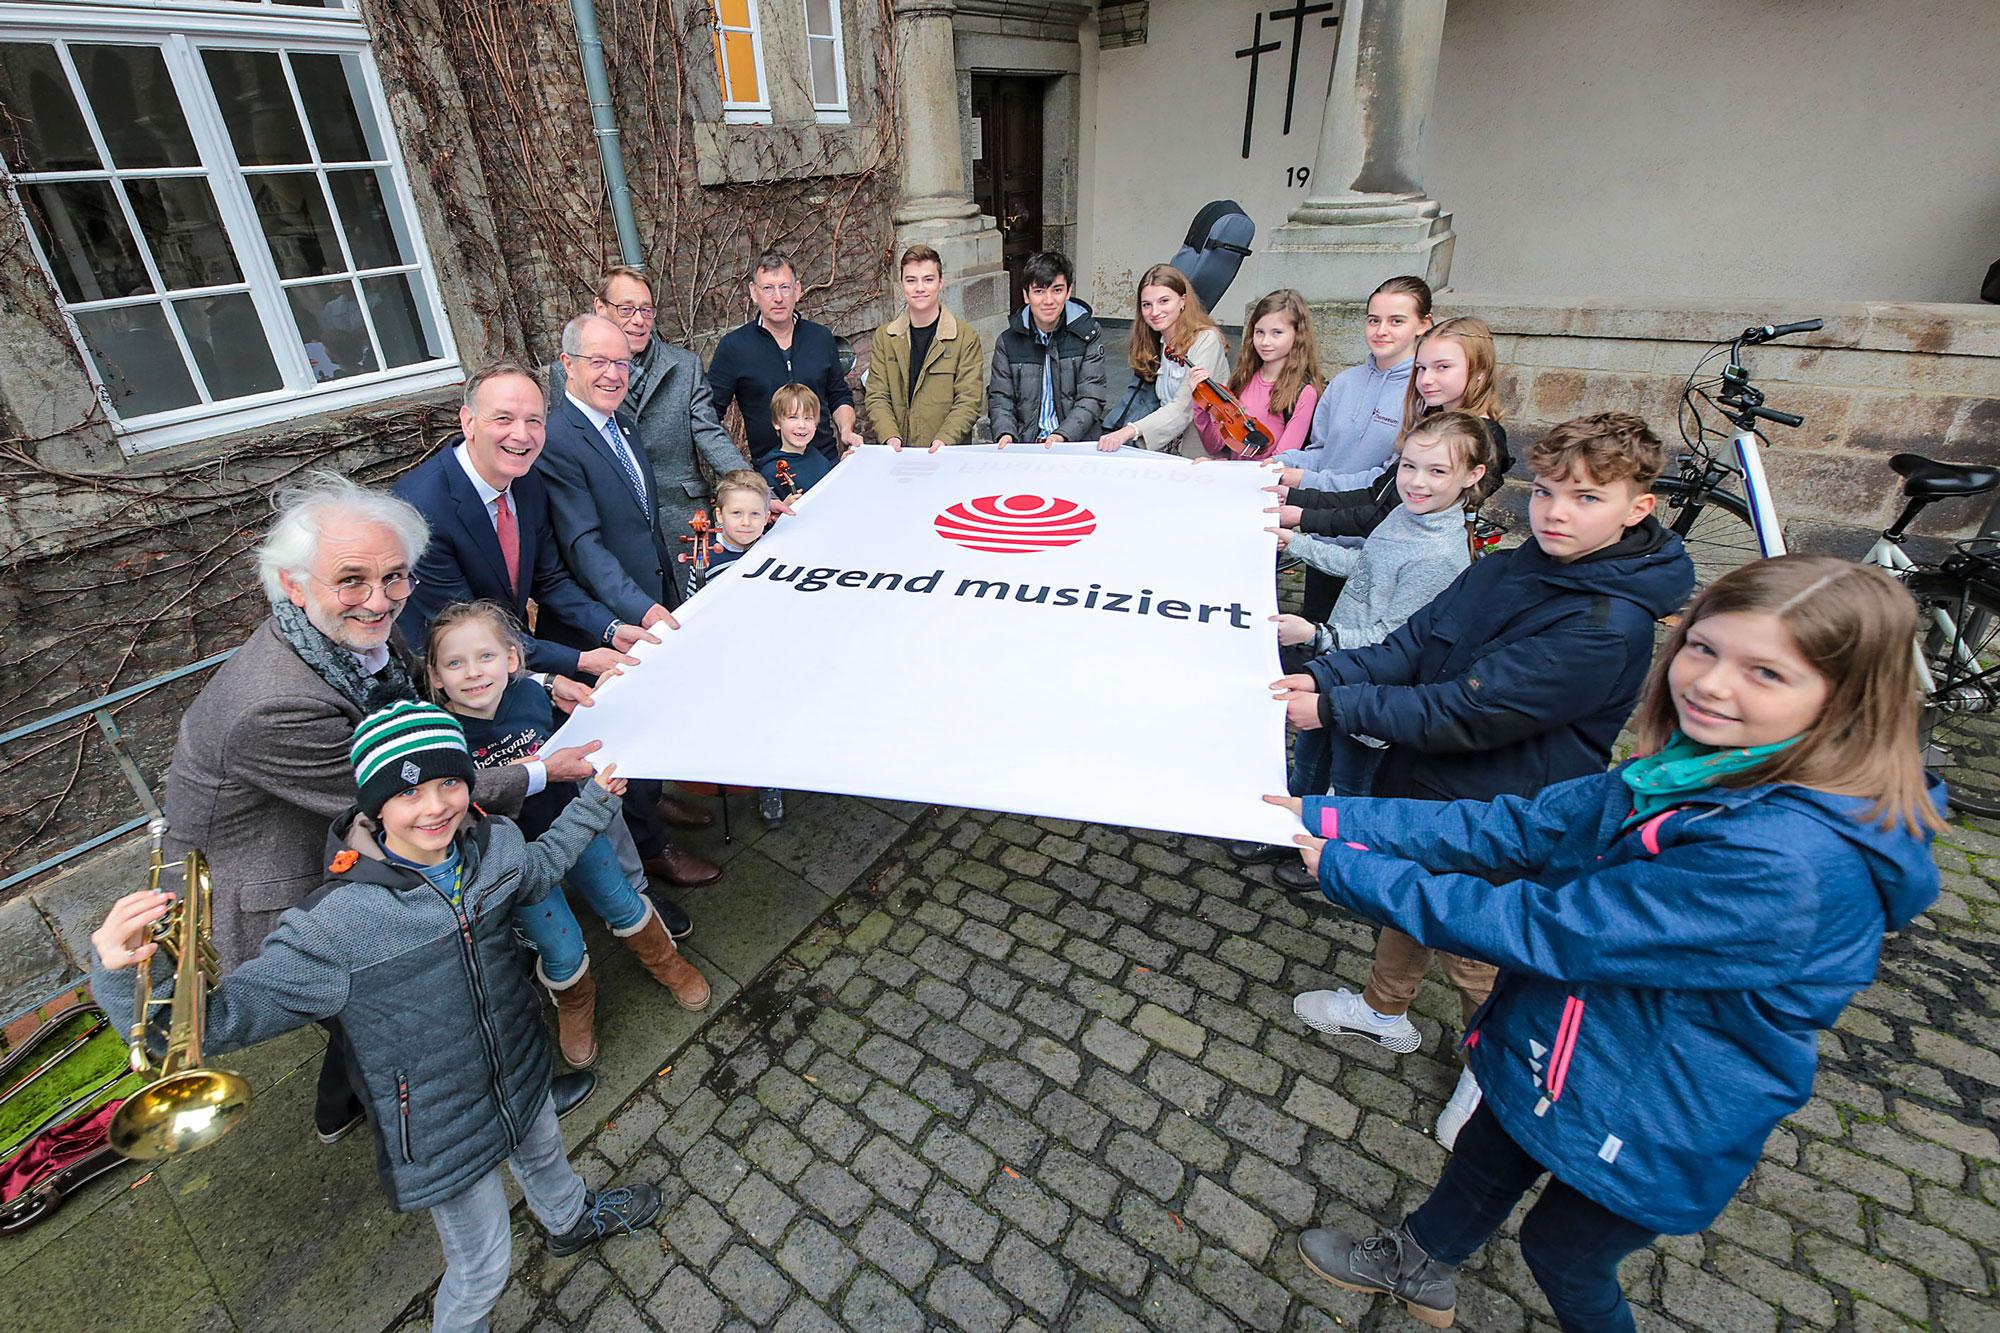 Jugend musiziert – Schülerinnen und Schüler, die Musikschulleiter, Oberbürgermeister Reiners und die Sponsoren der Sparkasse und Piano Kalscheuer sind gespannt auf den Wettbewerb. (Foto: Stadt MG)